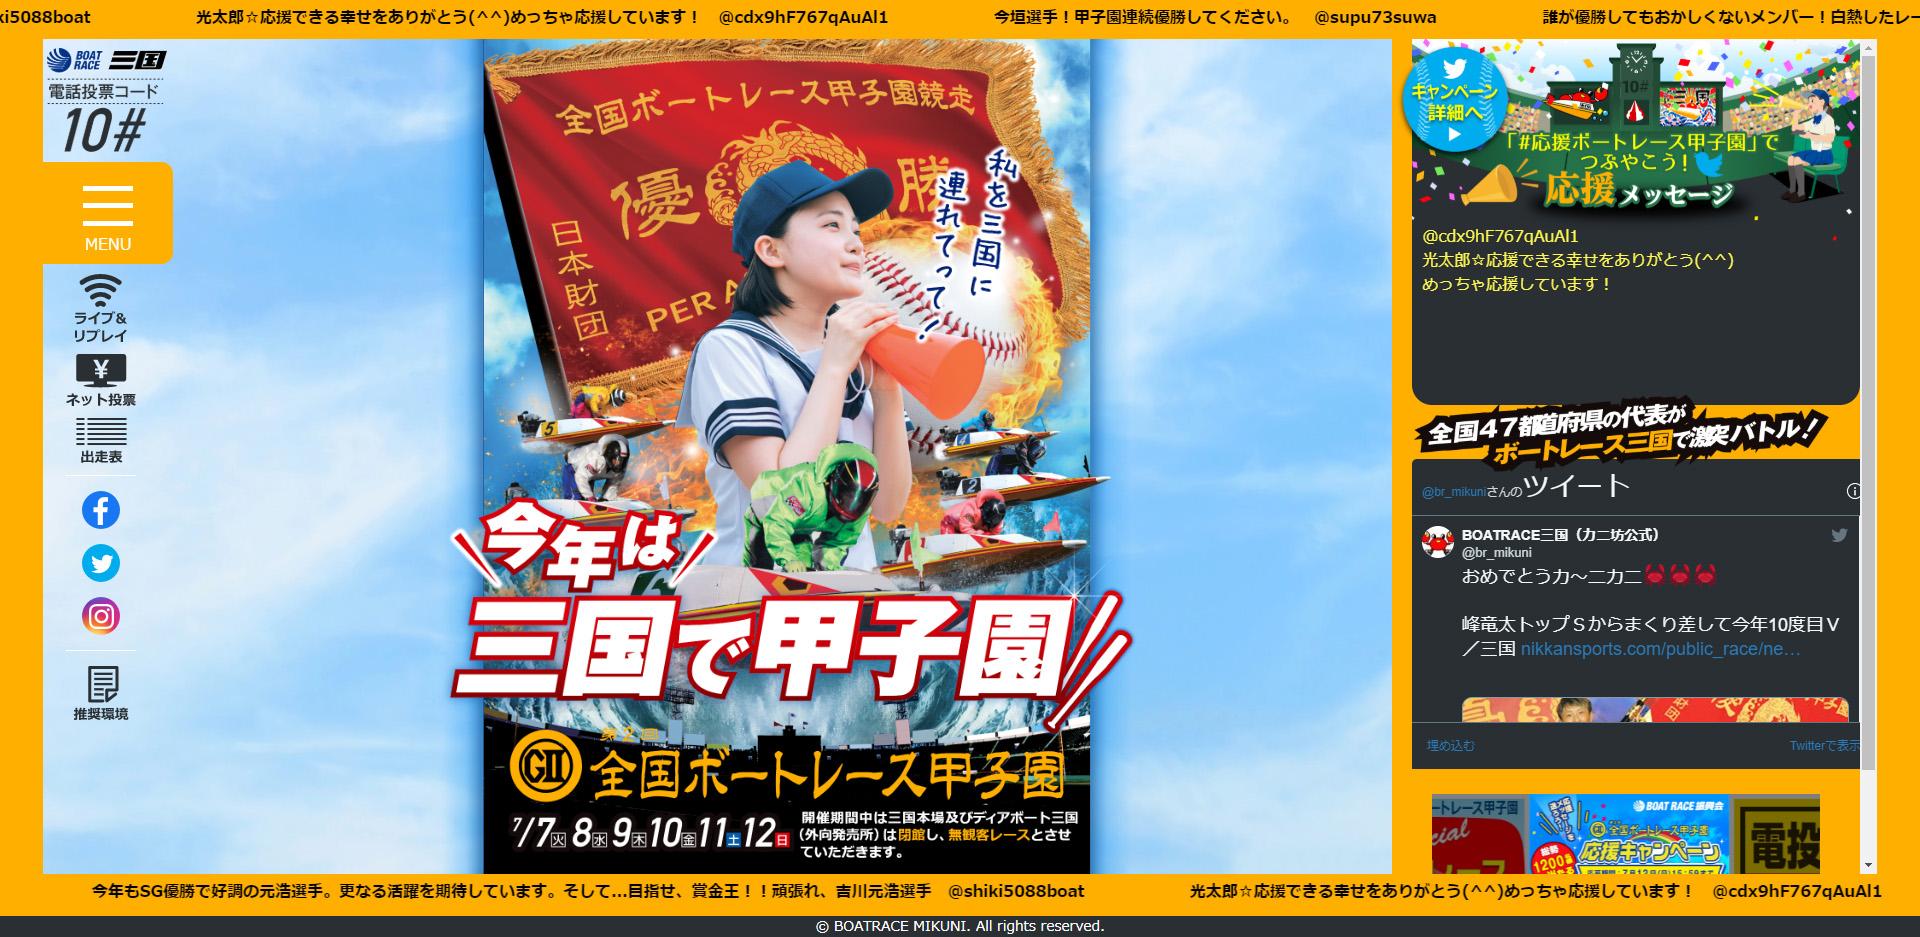 ボート レース ライブ 三国